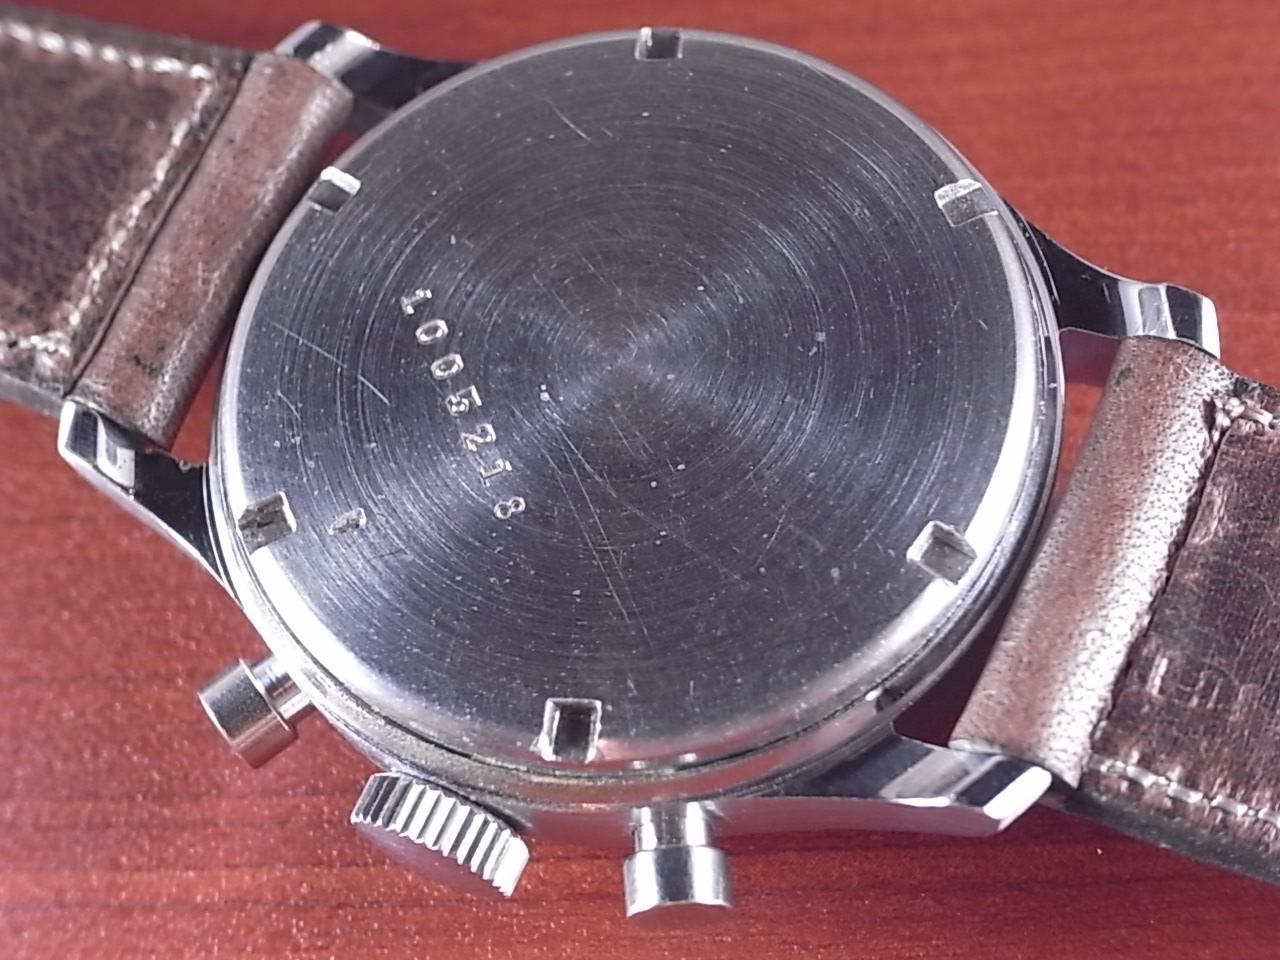 ボヴェ 縦目クロノグラフ ヴィーナス170 渦巻タキメーター 1940年代の写真4枚目